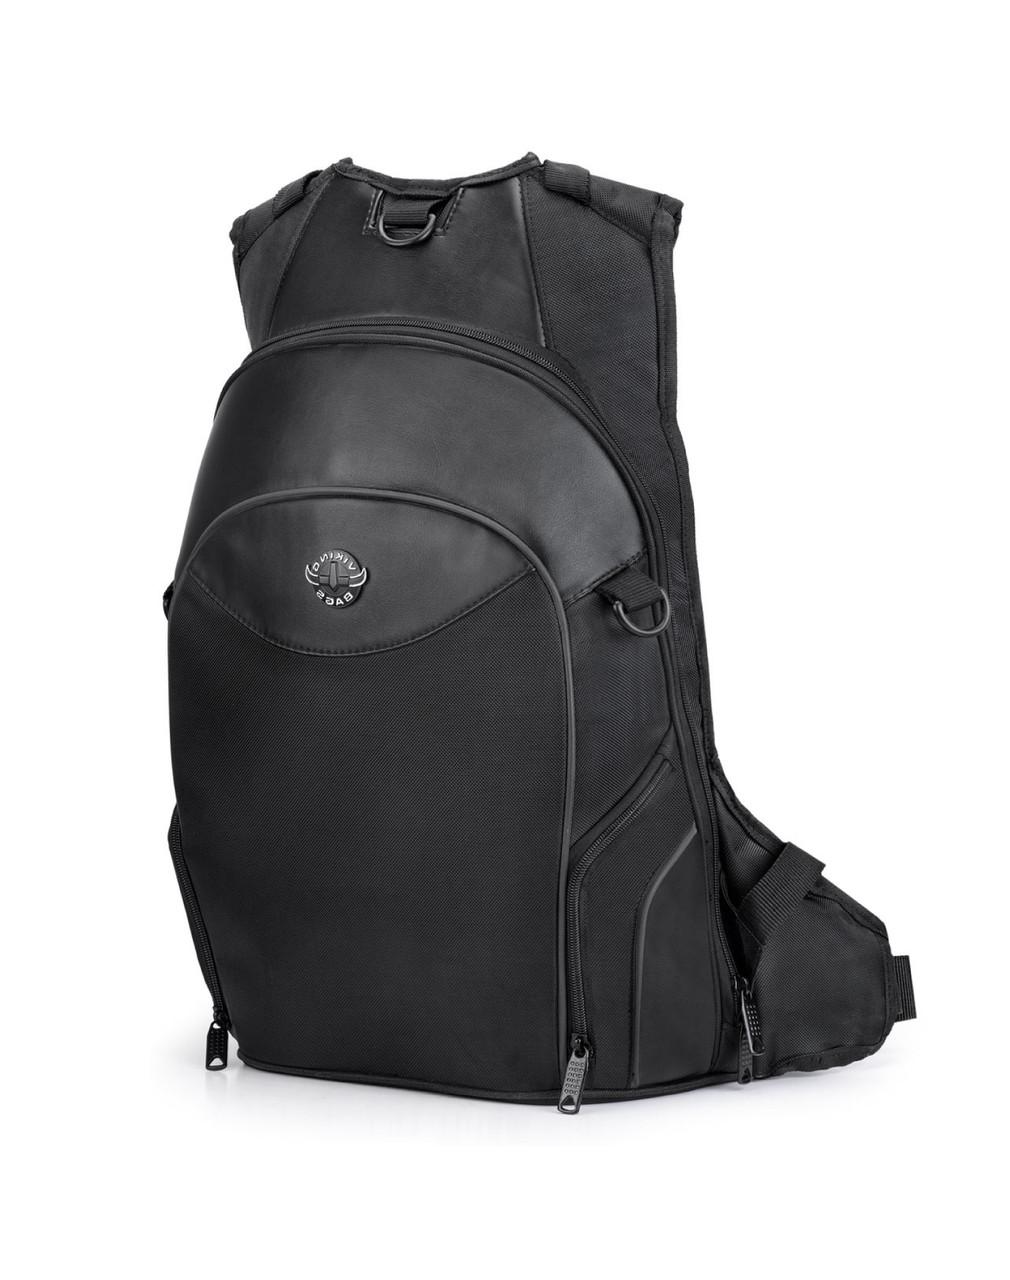 Kawasaki Viking Motorcycle Medium Backpack Main Bag View